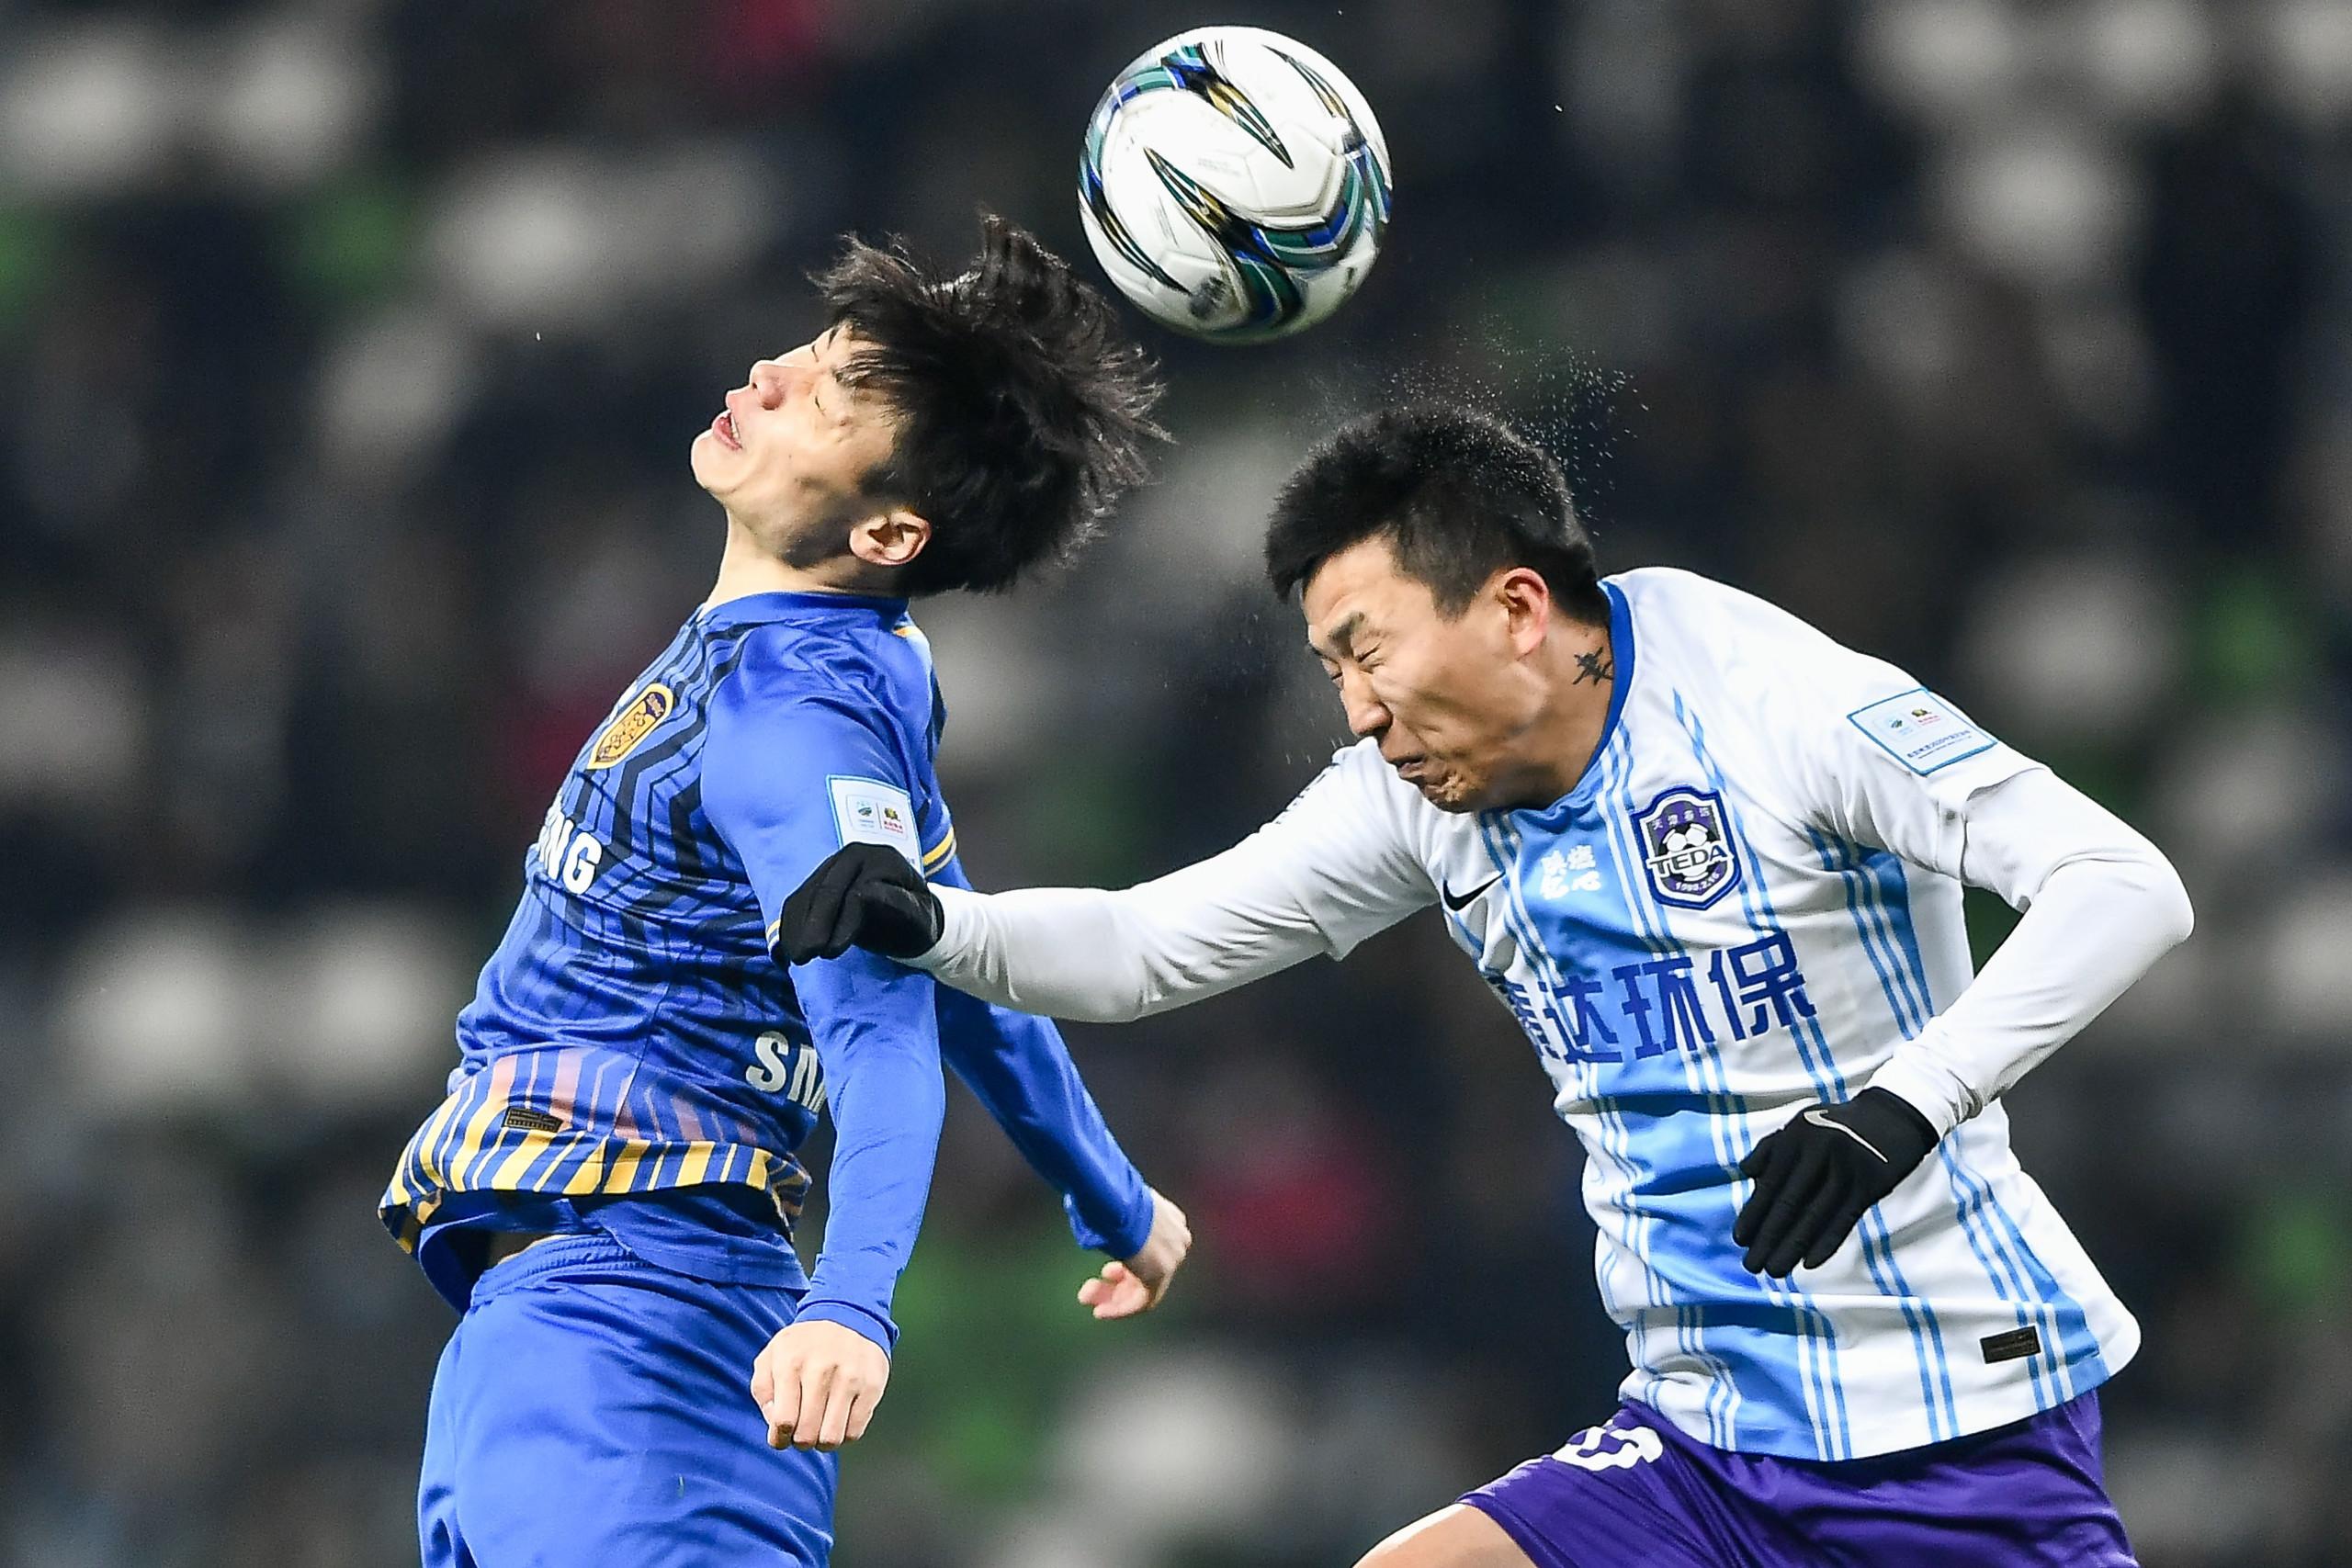 足协杯首回合:阿奇姆彭破门刘洋乌龙,苏宁1